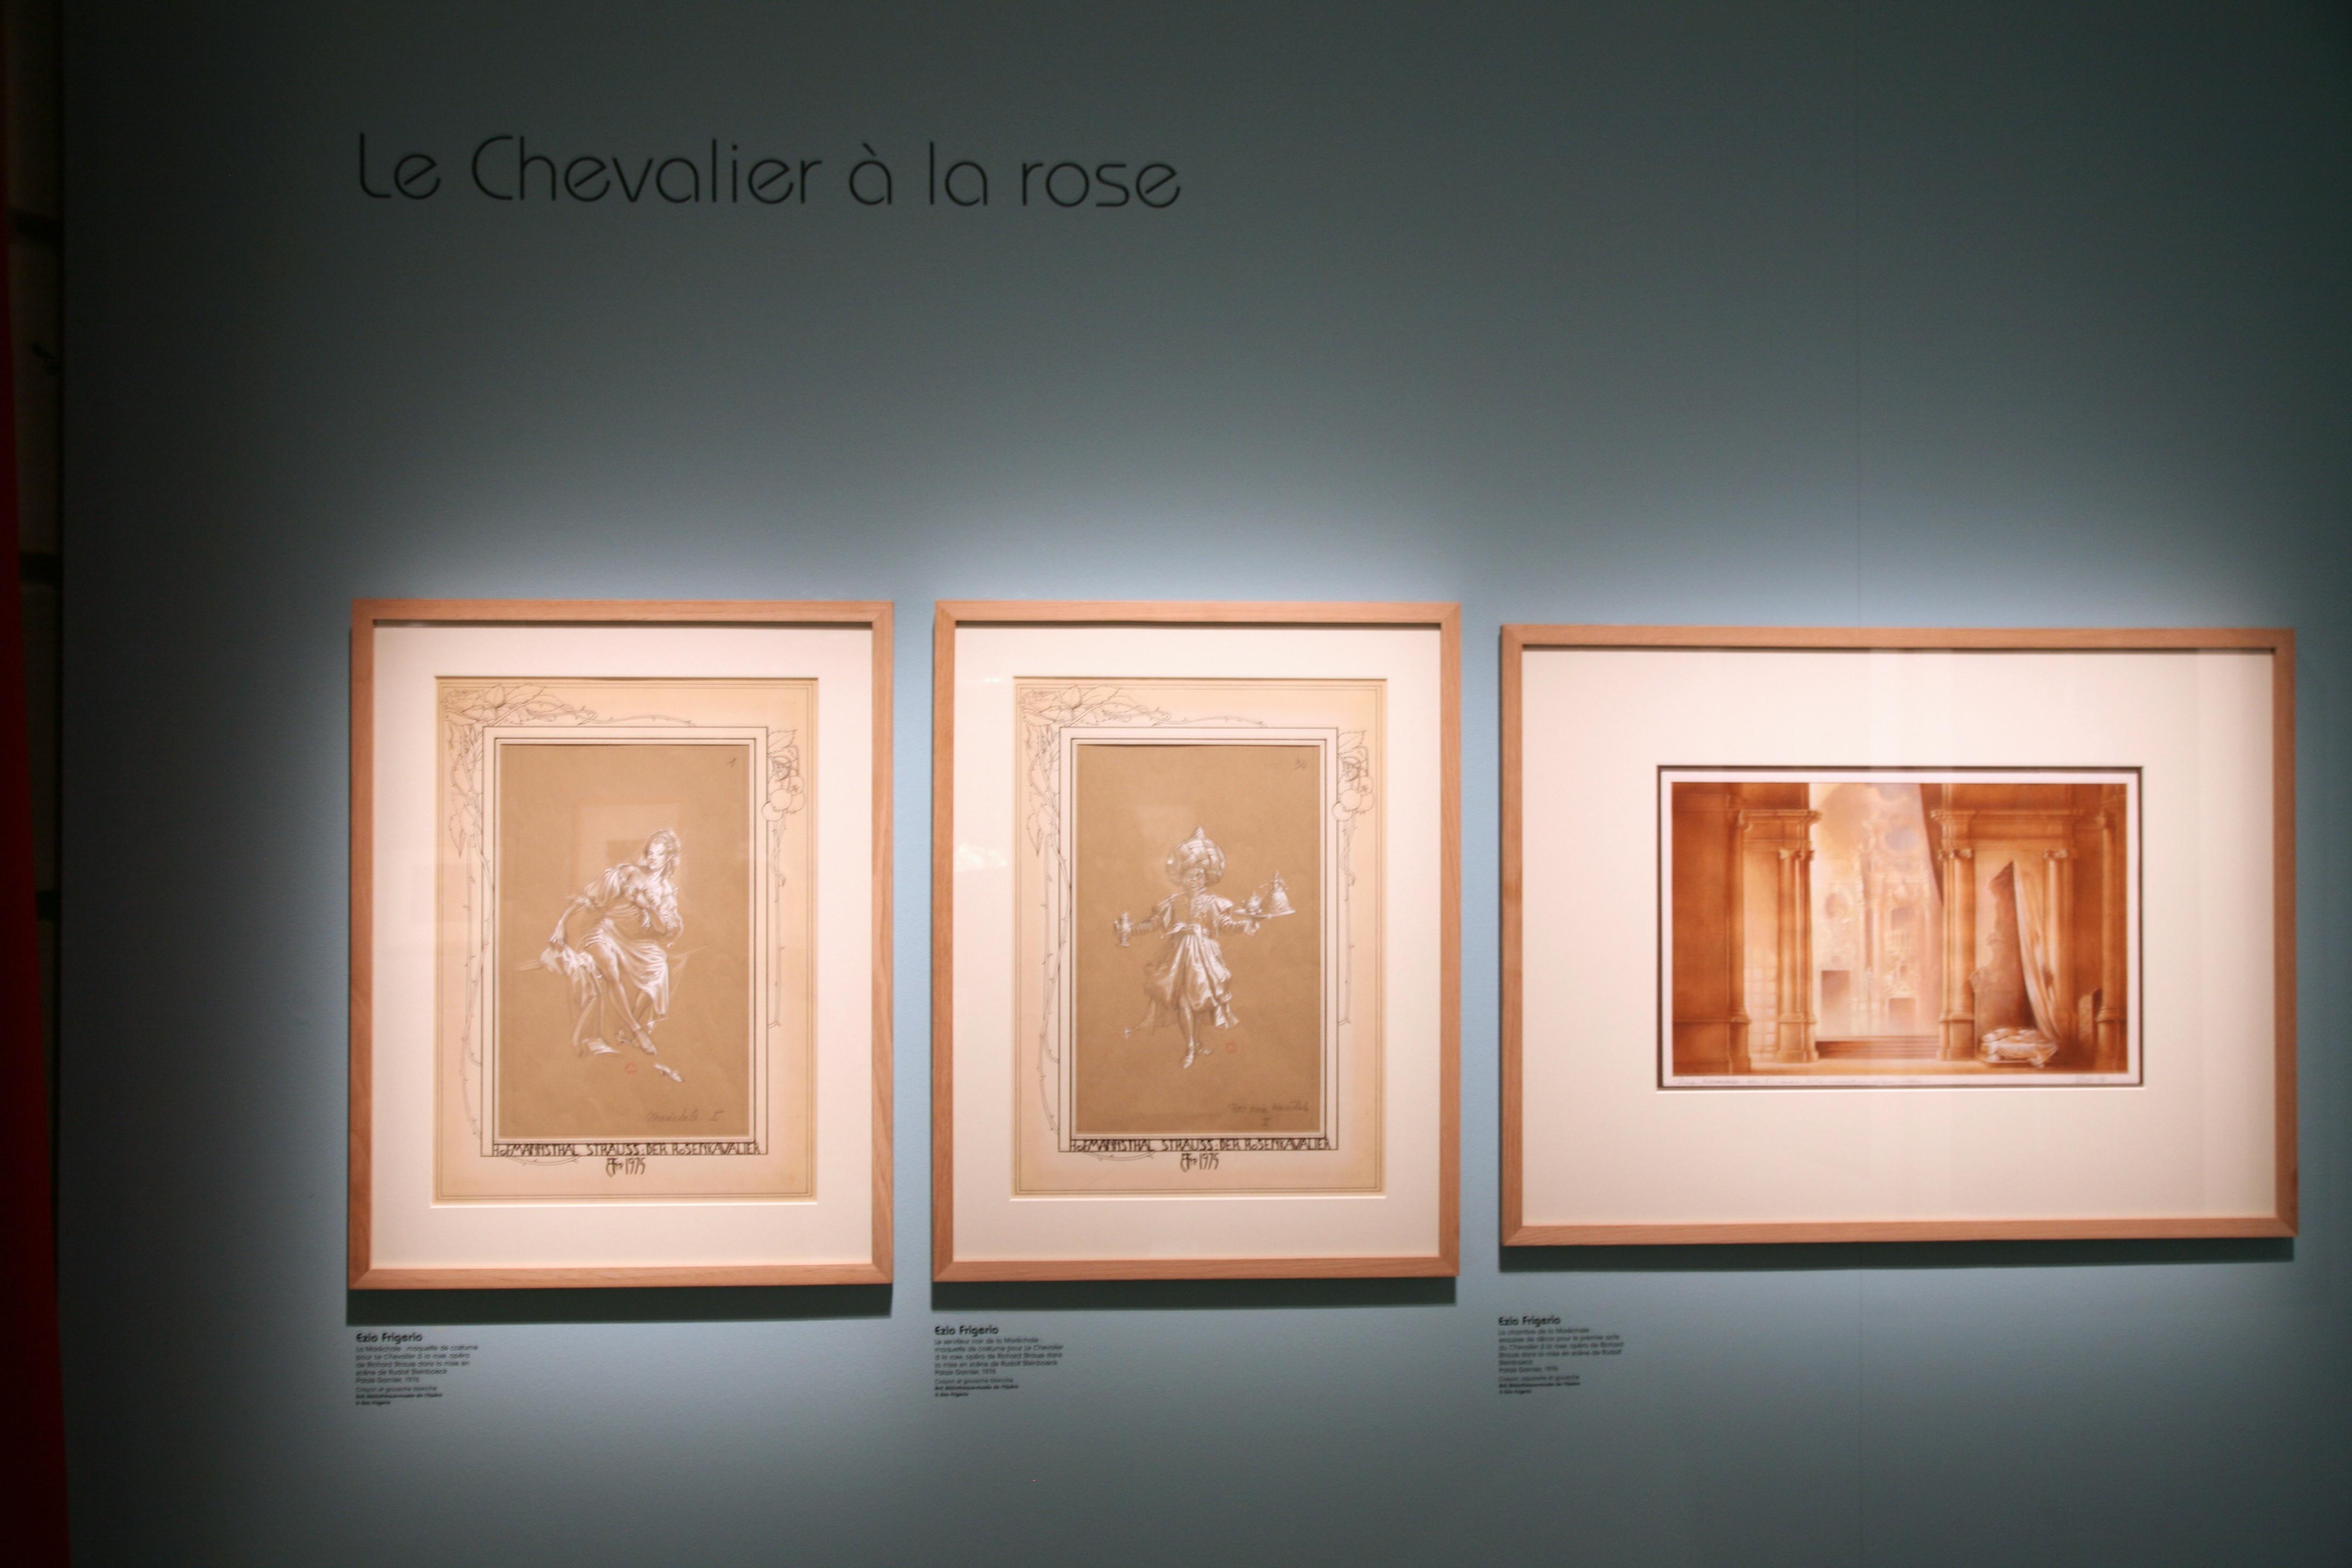 무료 이미지 : 파리, 벽, 오페라, 그림, 인테리어 디자인, 박람회 ...